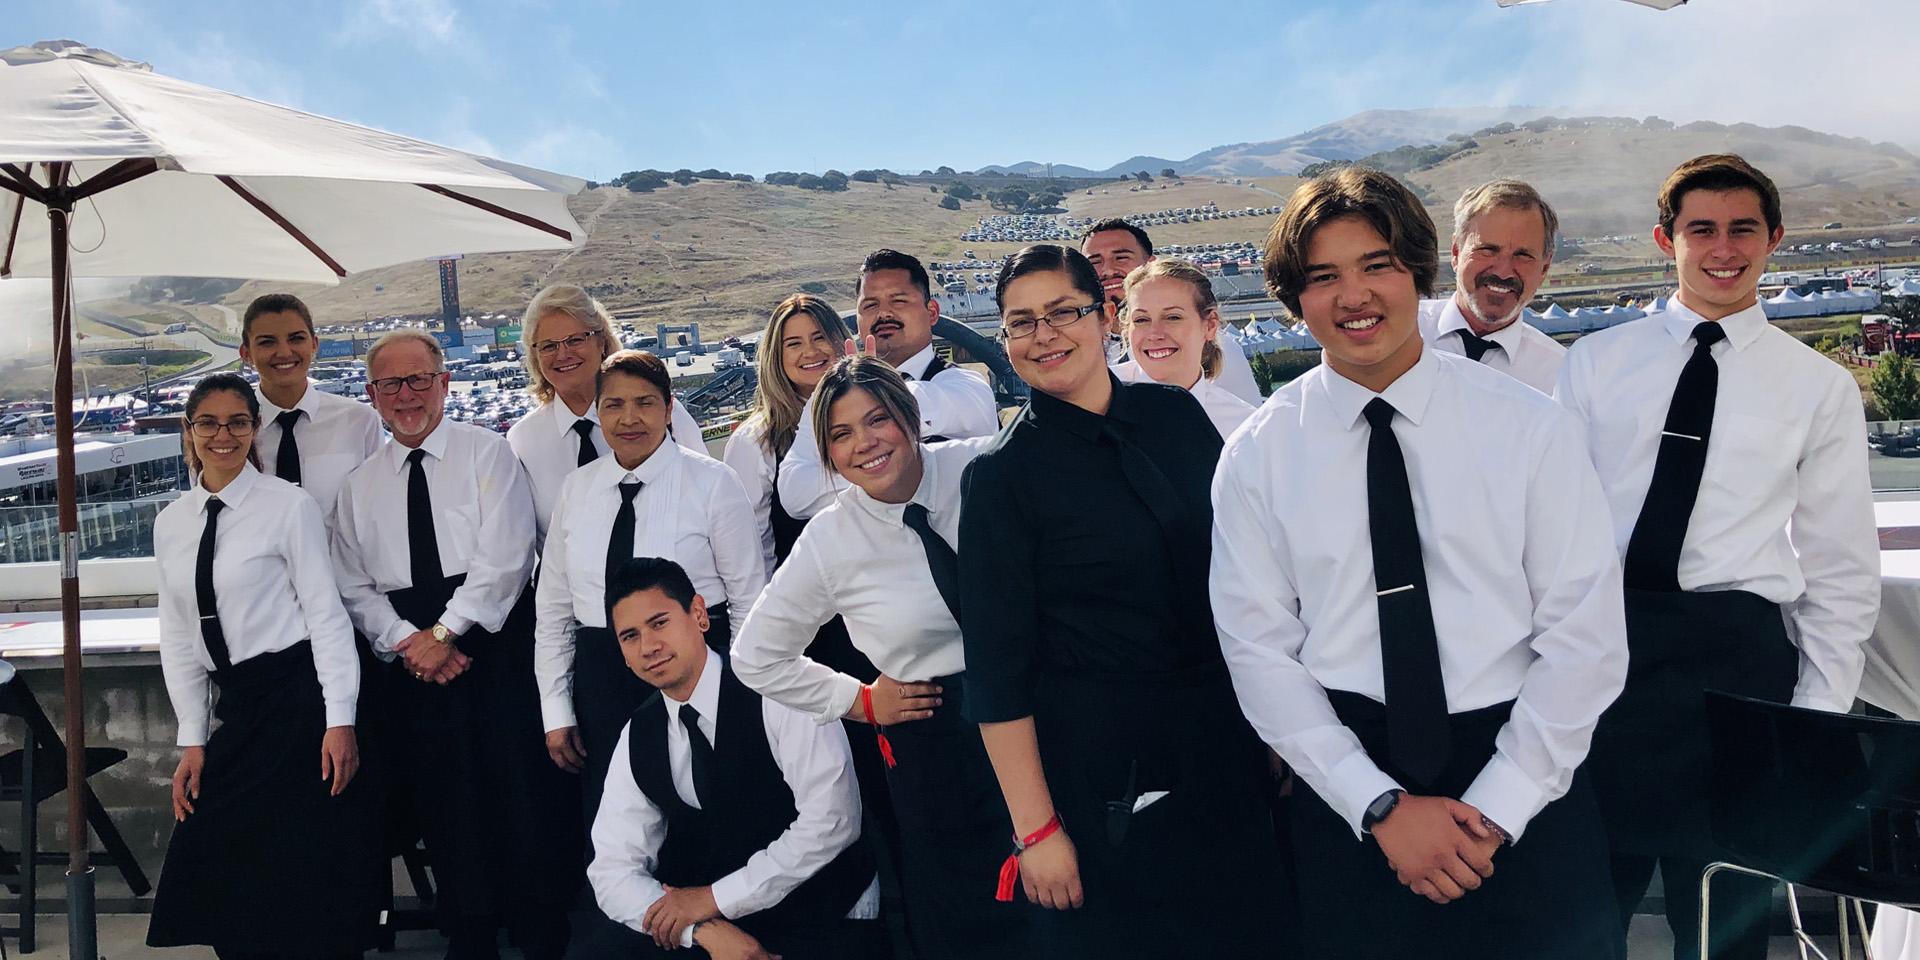 Team at Laguna Seca Rolex Event